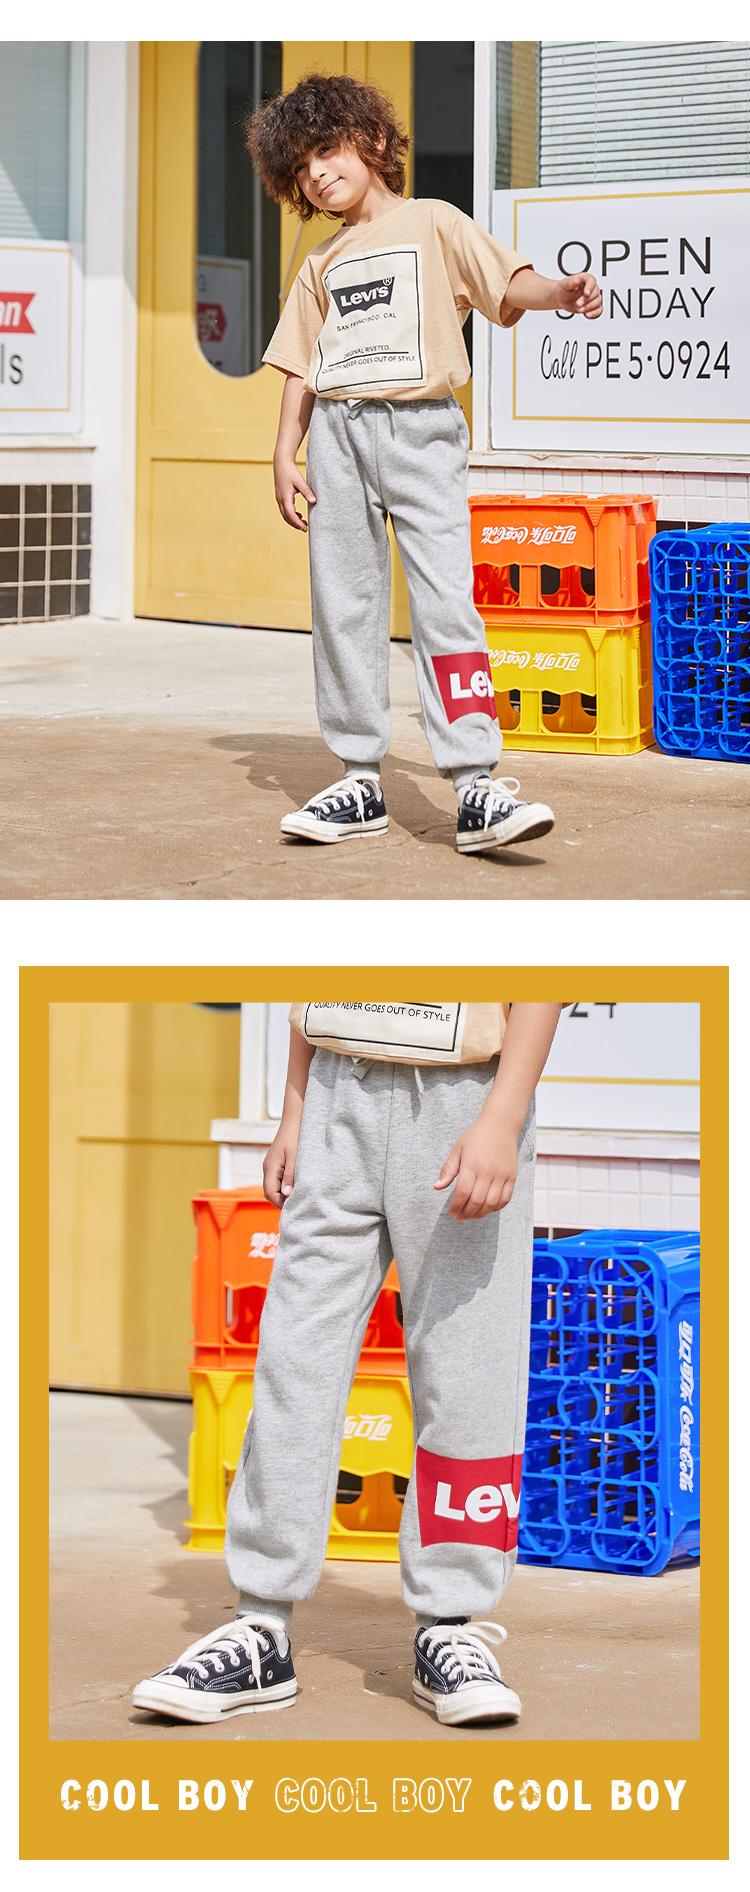 李维斯 儿童 100%纯棉 针织长裤 运动休闲裤 图7